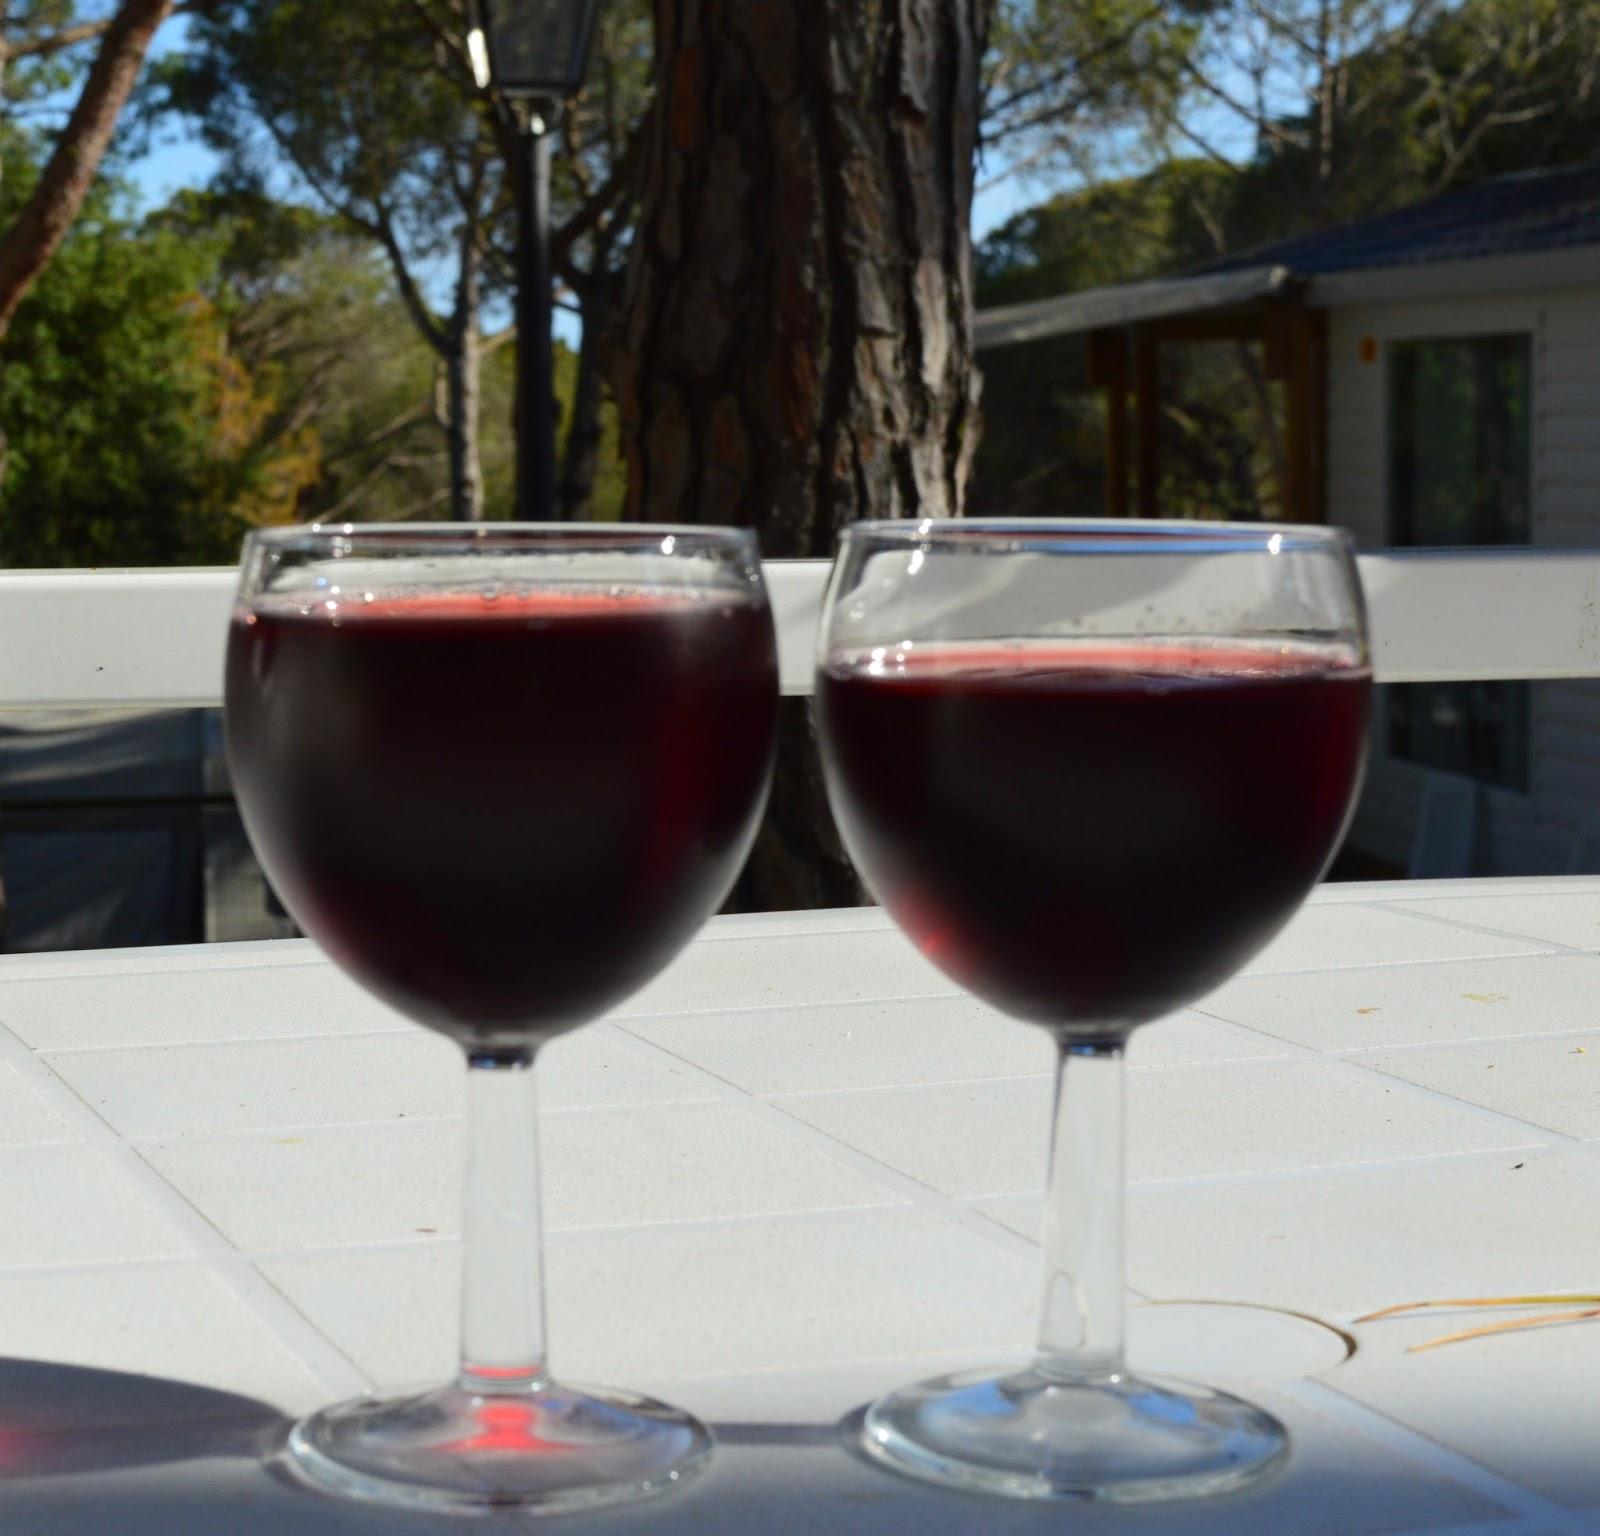 Camping La Siesta, Calella de Palafrugell, Costa Brava - a review